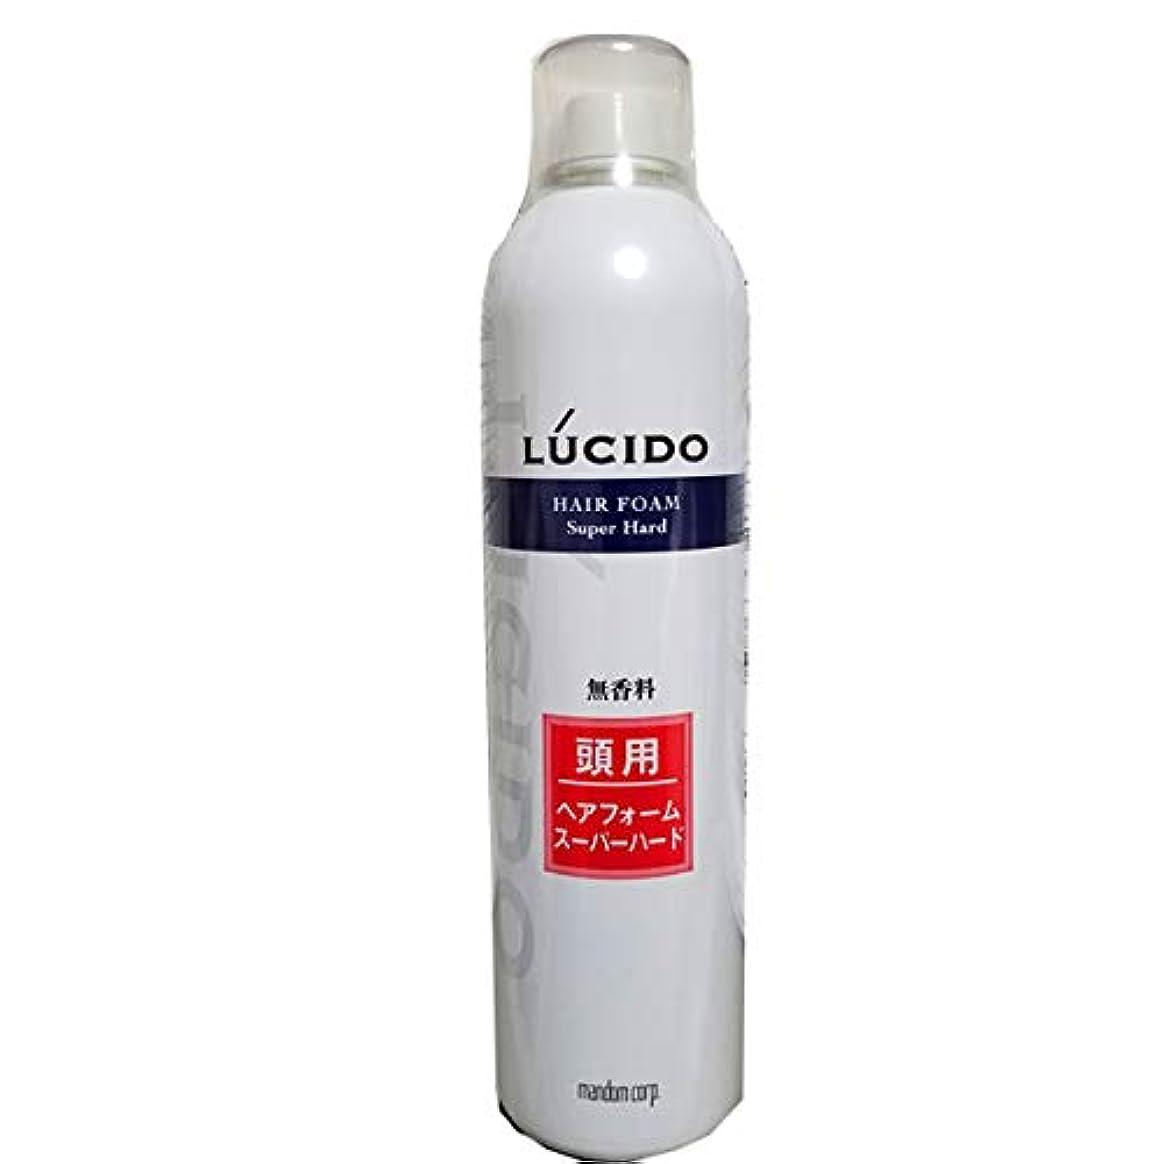 に対応守るモンキールシード ヘアフォーム スーパーハードO 400g 業務用 40才からの髪に。 マンダム